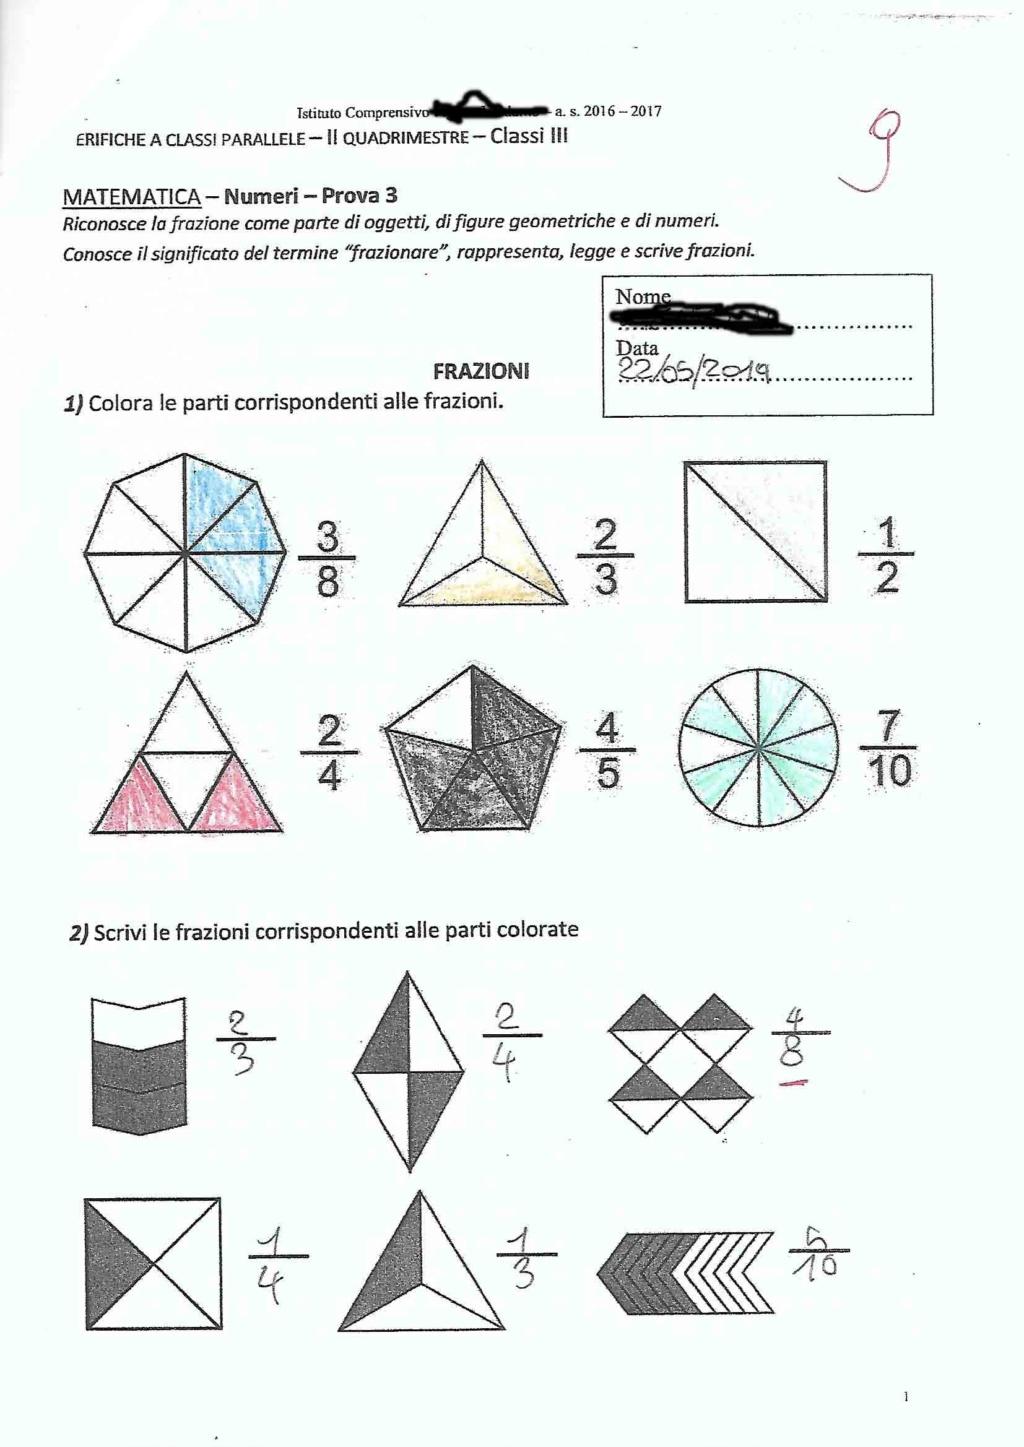 Richiesta consiglio su maestra impreparata - Pagina 3 Intero10